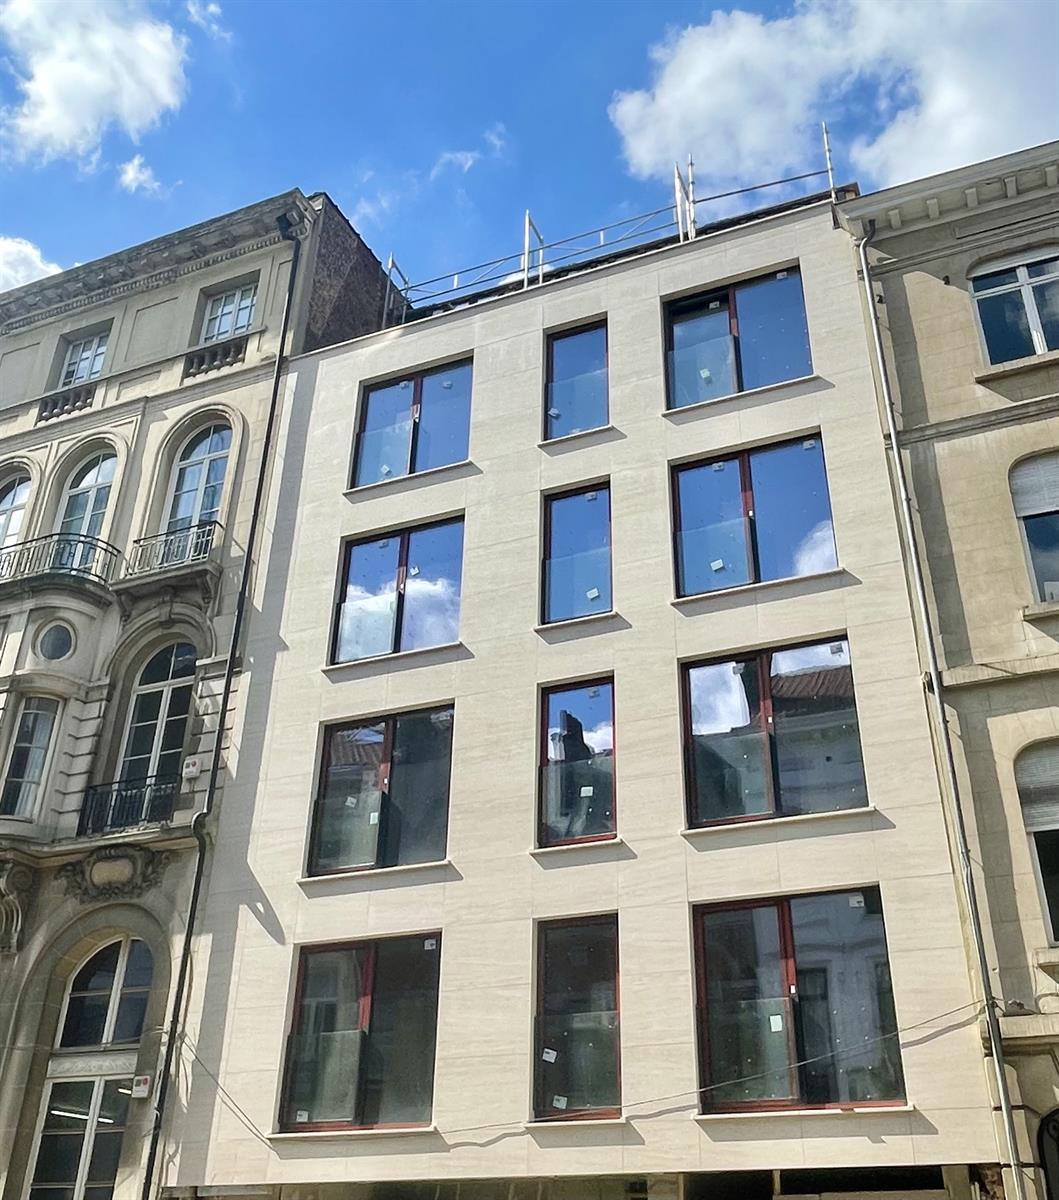 Flat - Ixelles - #4324010-4